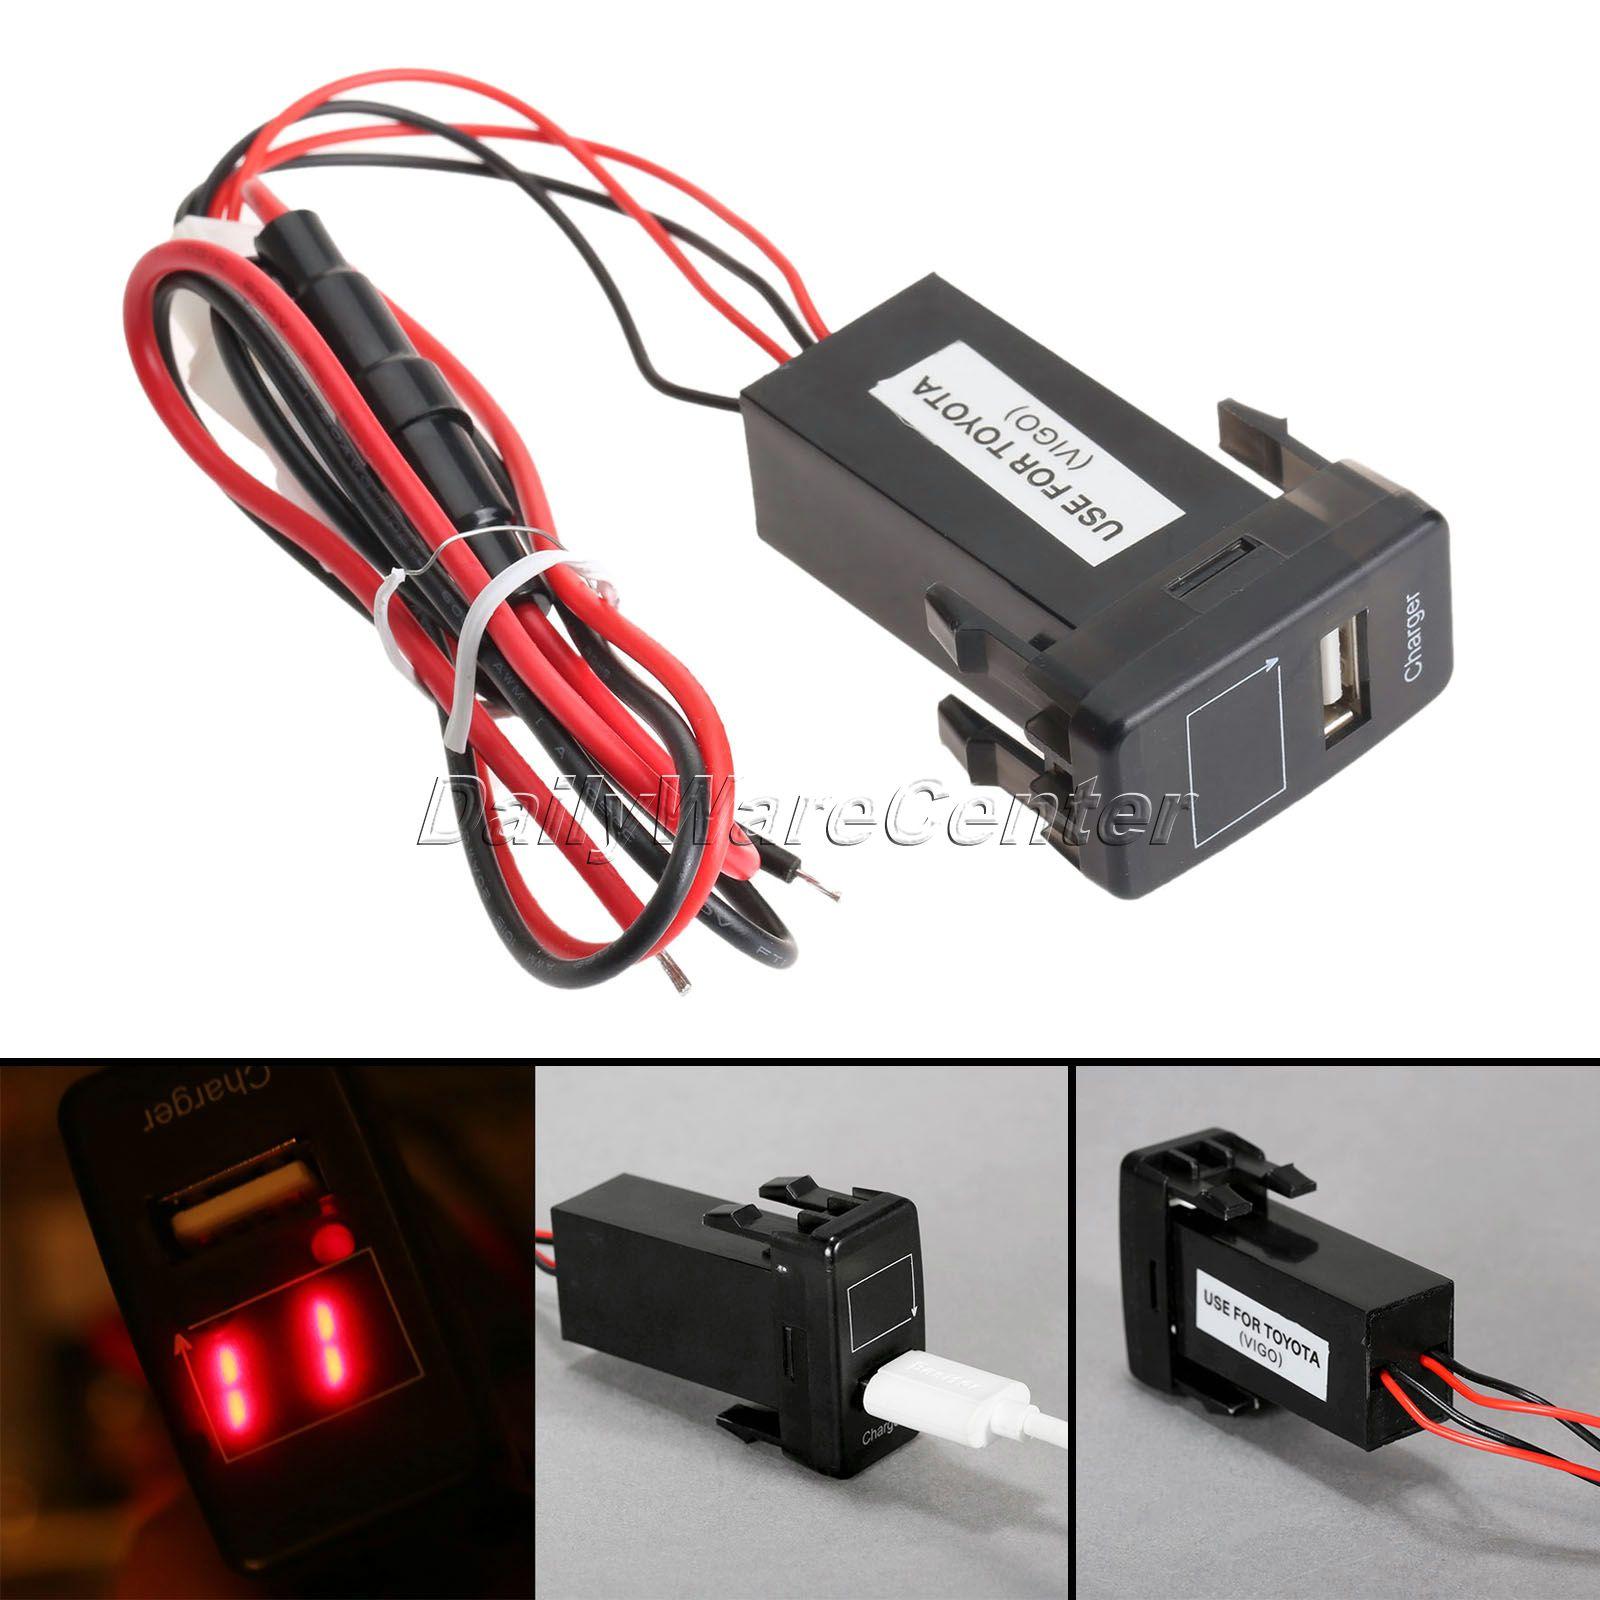 Авто 12 В 2.1a USB Порты и разъёмы приборной панели телефона Зарядное устройство адаптер с Вольтметр для Toyota Ipad GPS телефон Питание автомобиля инт...